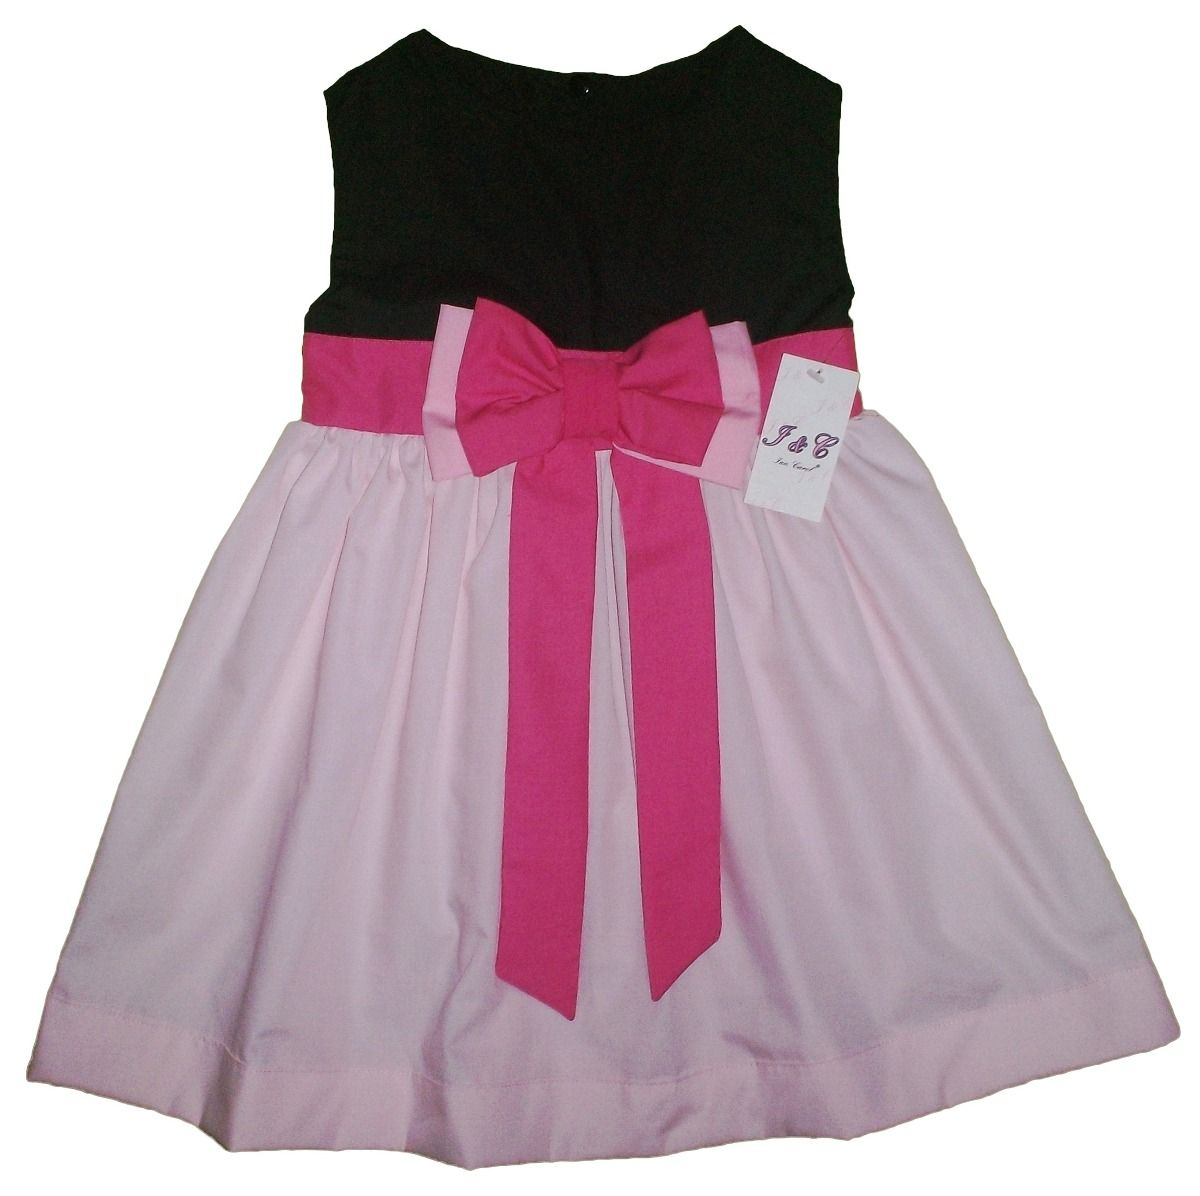 db445cbaa Vestidos Niña Marca Iancarol - Bs. 4.800,00 en MercadoLibre ...